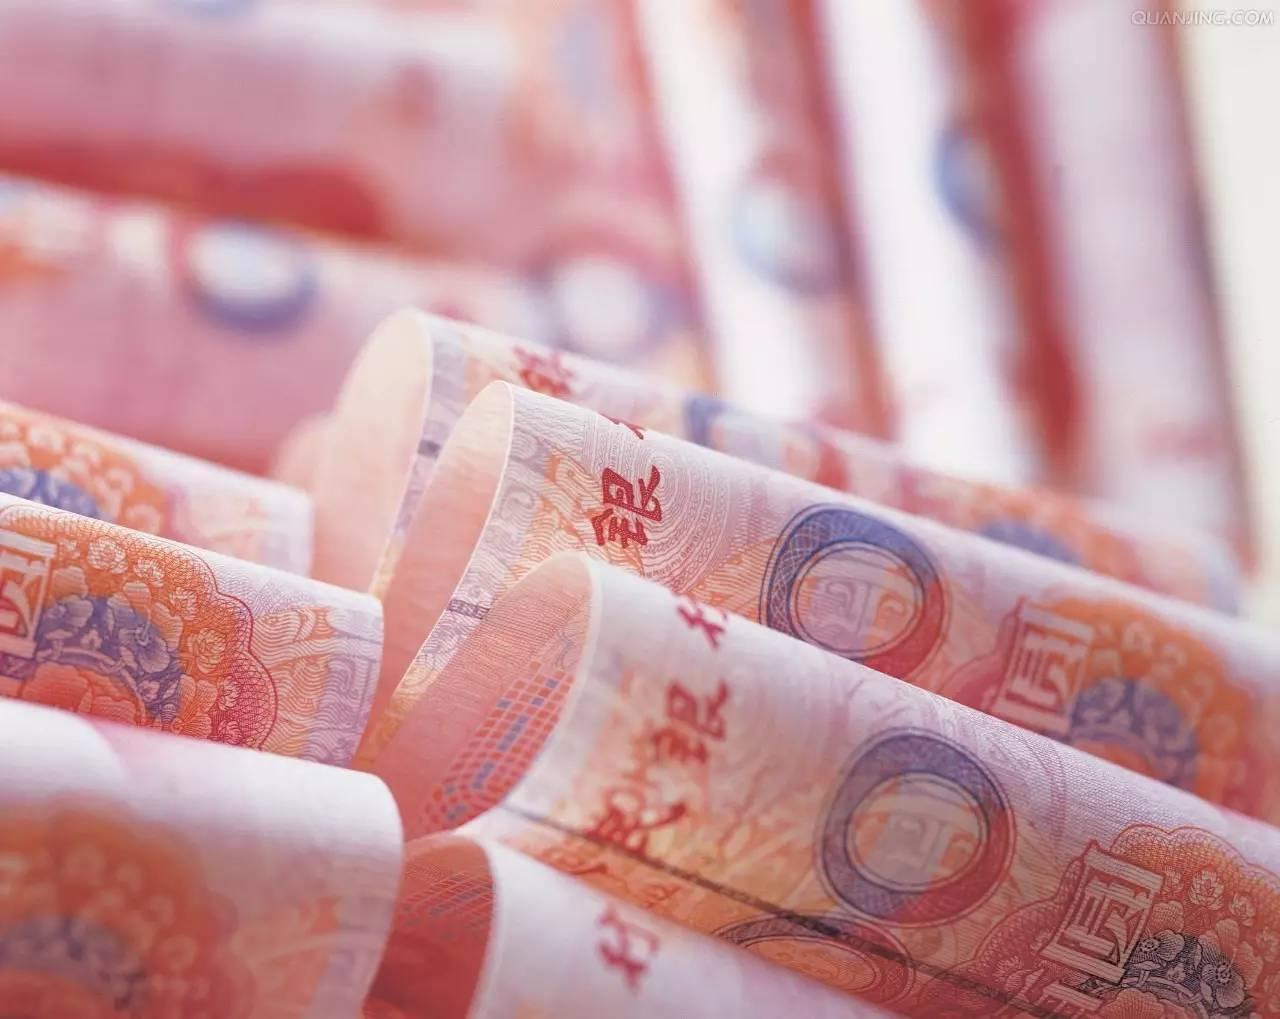 在中国做一个安贫乐道的人无异于裸奔